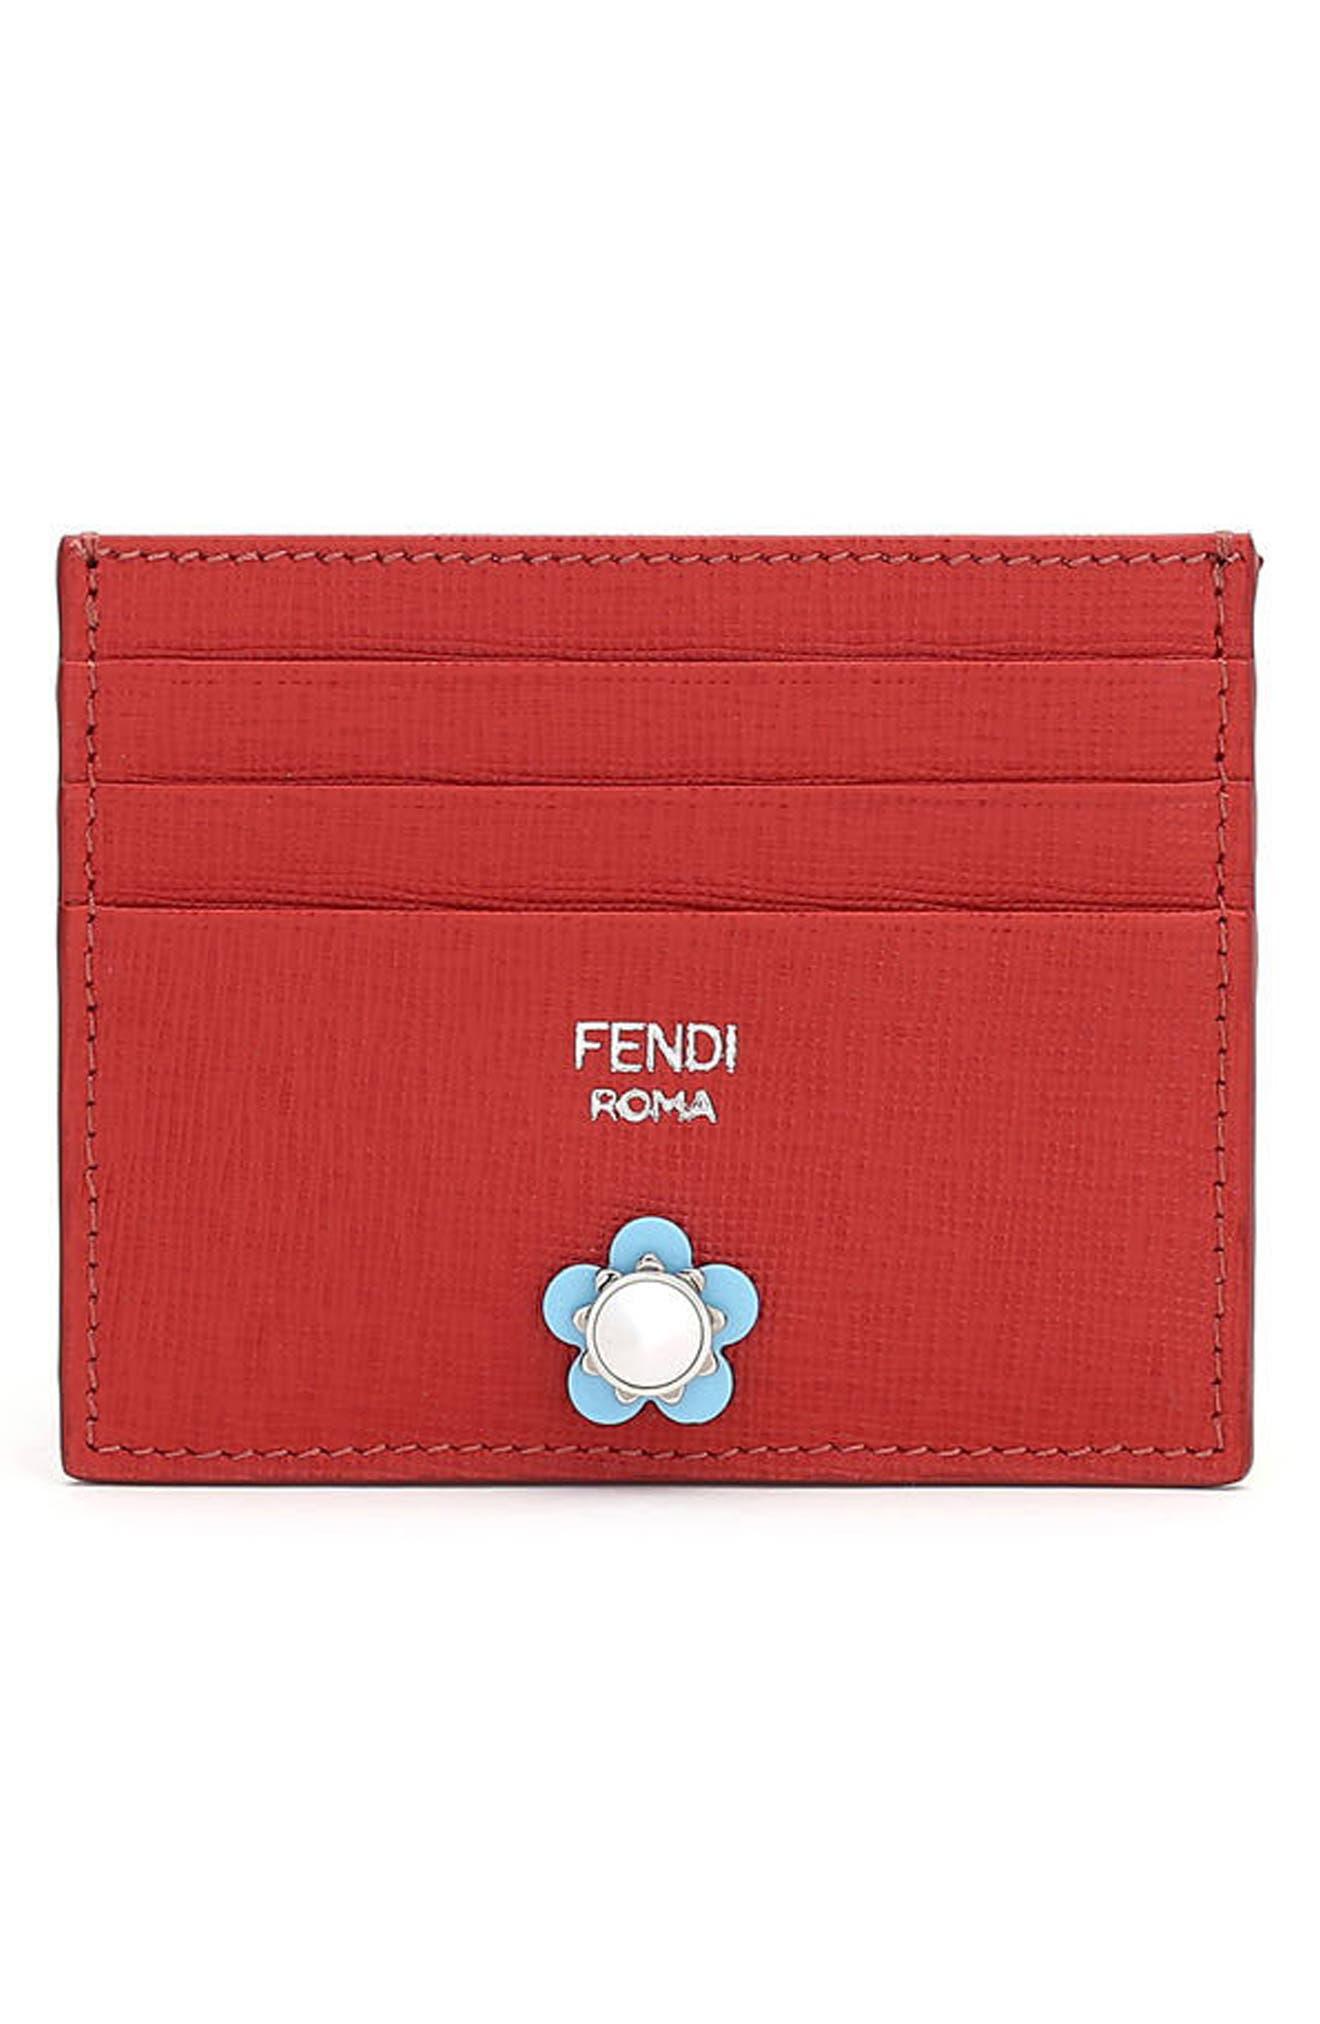 Main Image - Fendi Flowerland Elite Leather Card Case